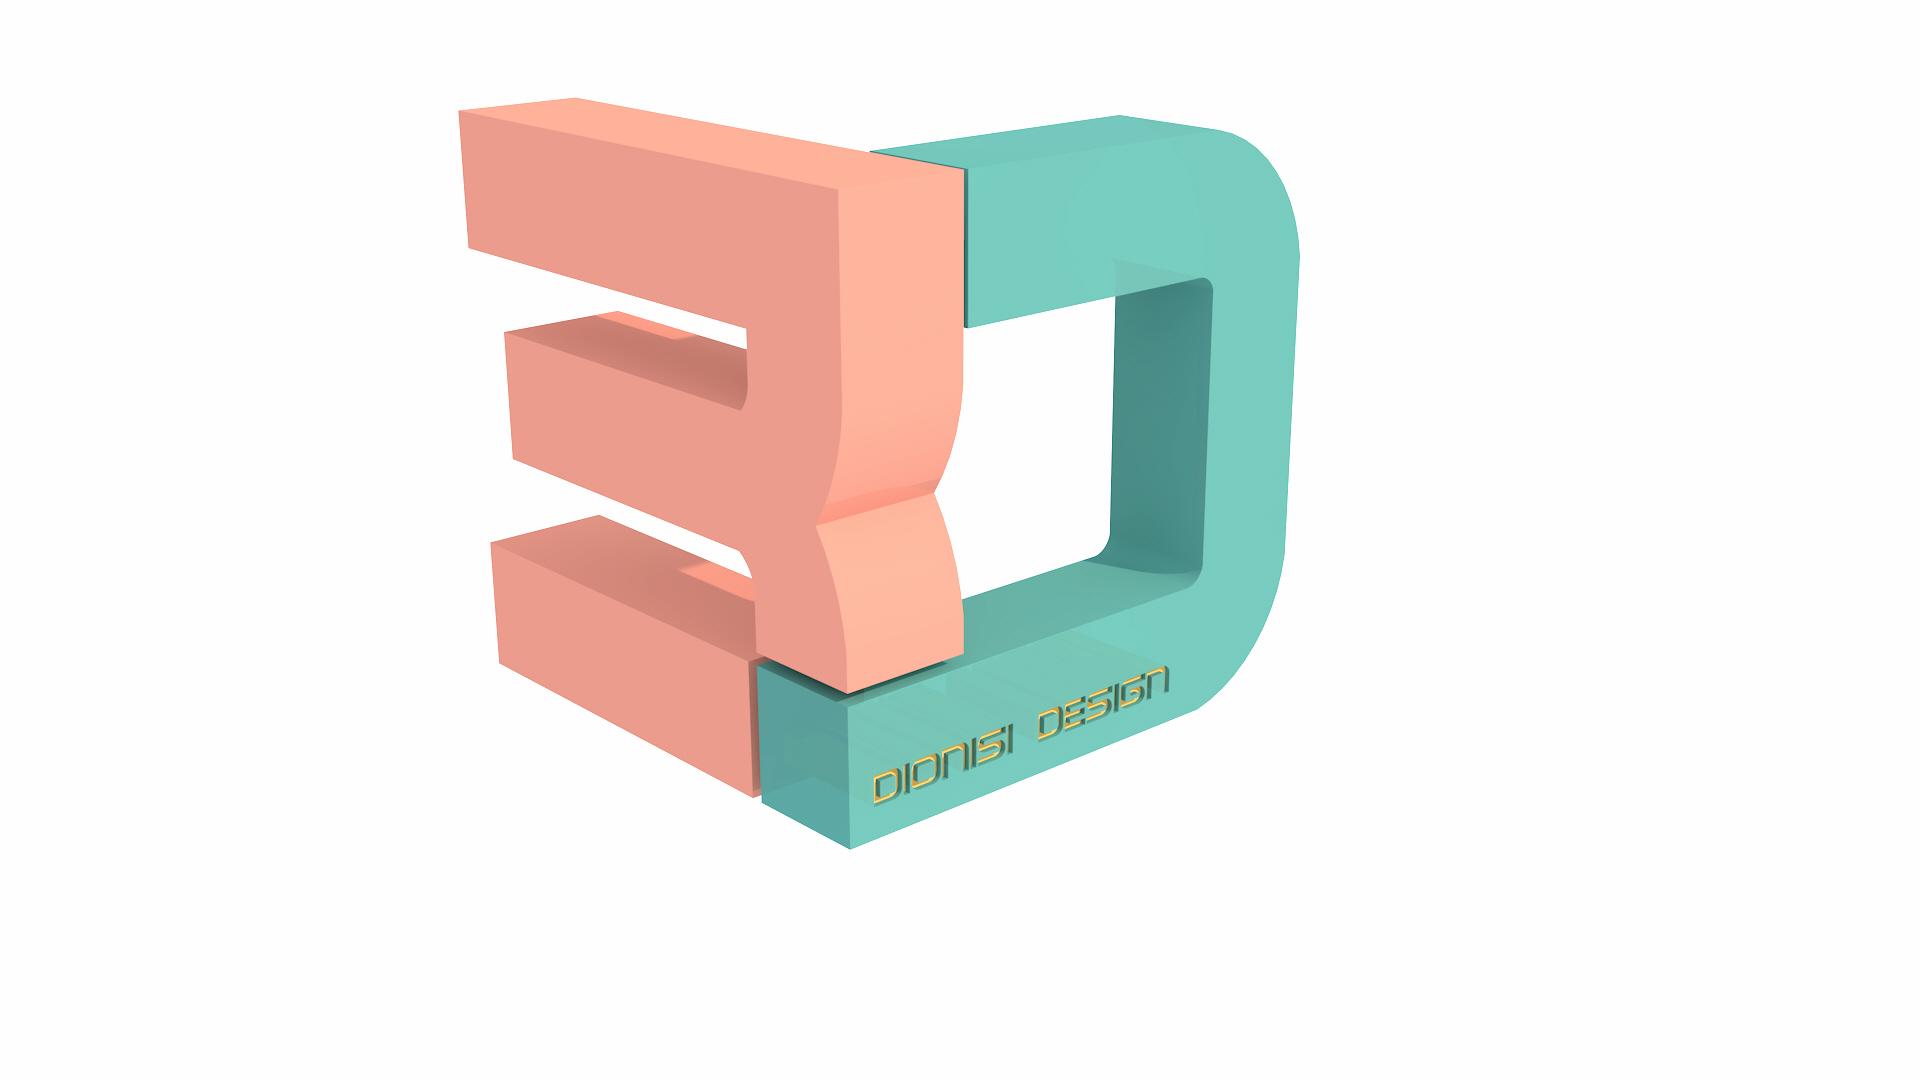 modelli-3d-dionisi